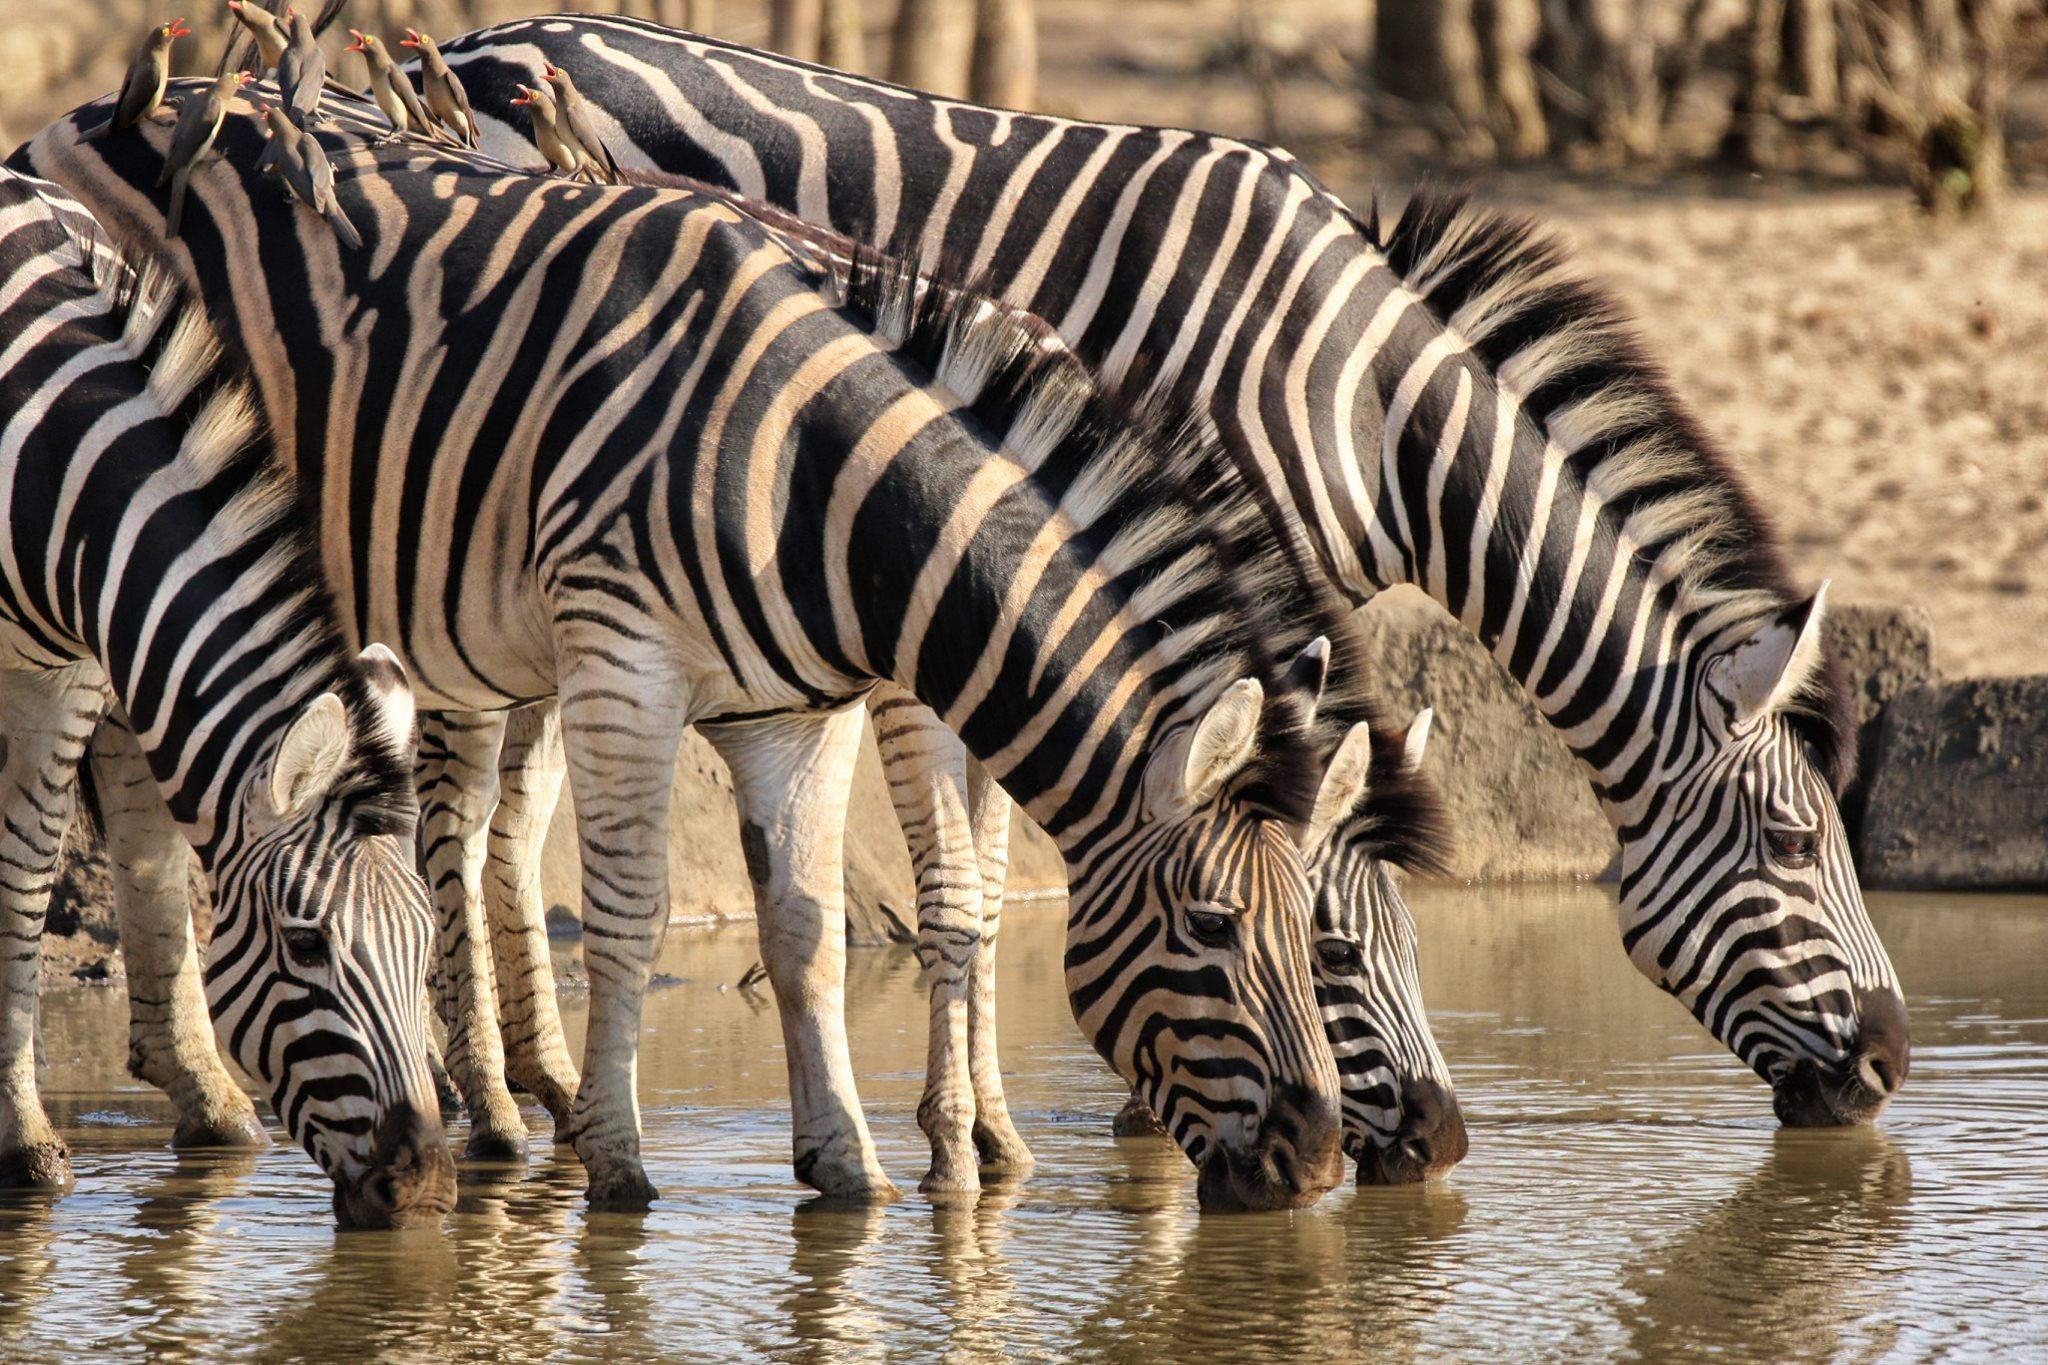 kruger park south africa travel hermien kruger zebra